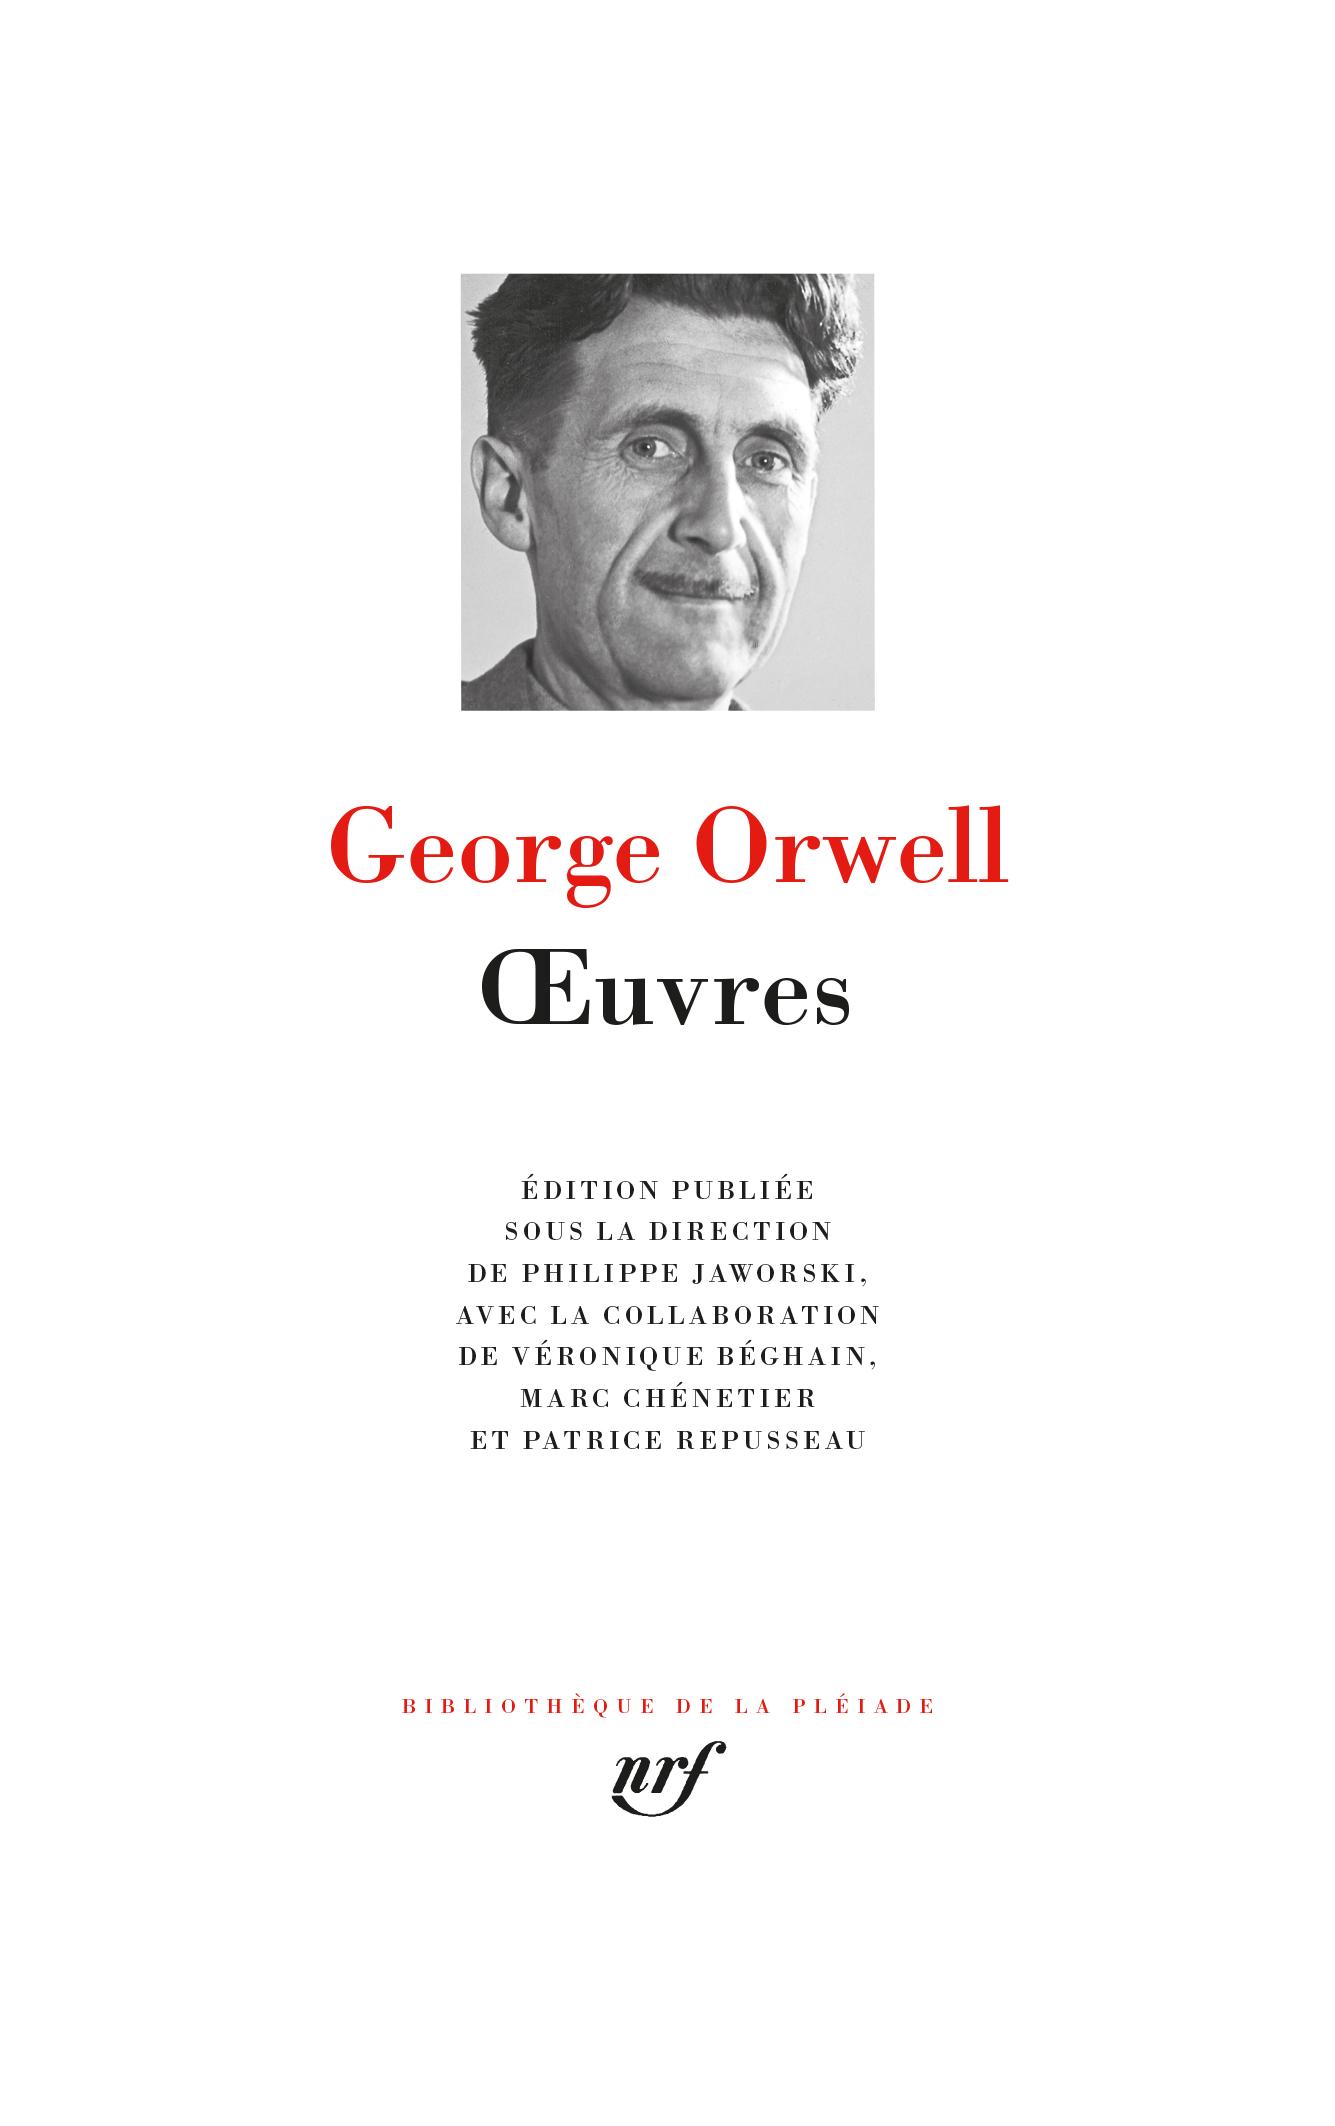 G. Orwell, Œuvres (Biblioth. de la Pléiade)